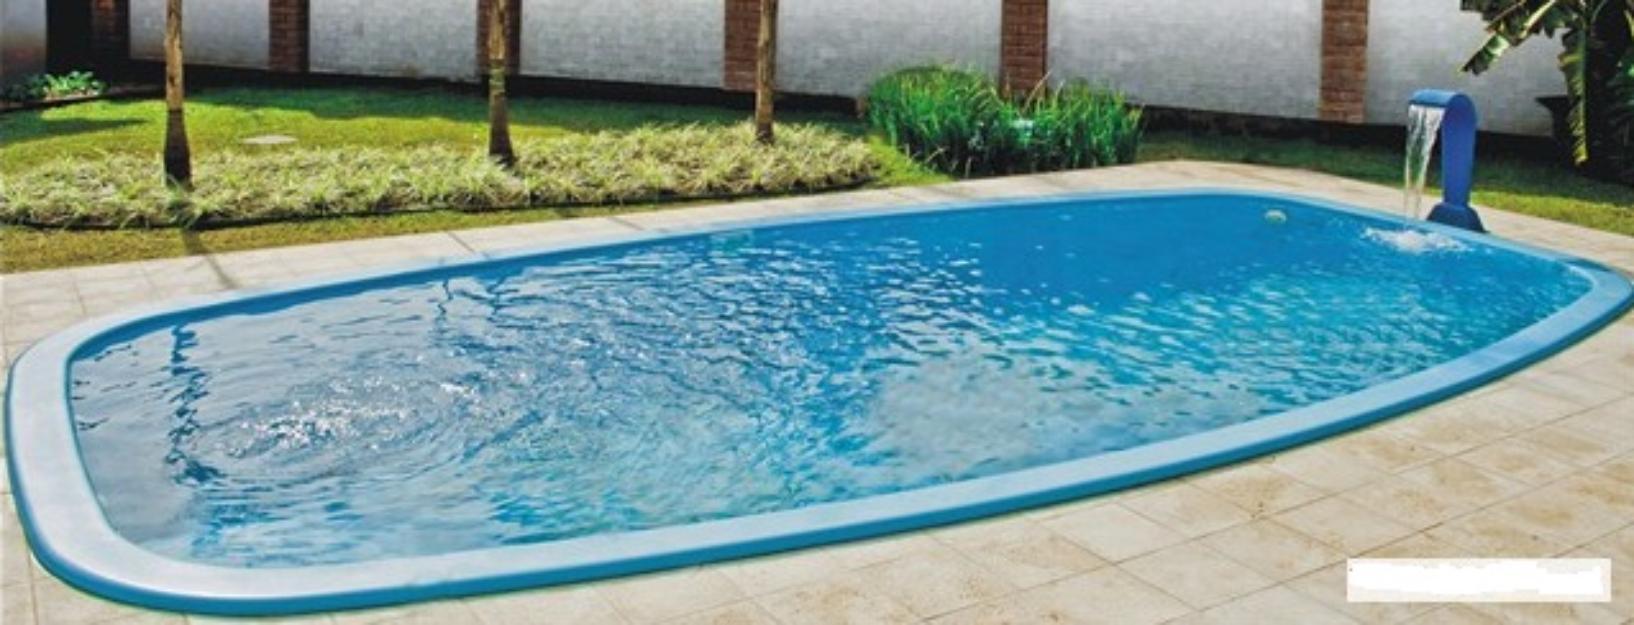 Promocao de piscinas de fibra bh e regiao vazlon brasil for Piscinas de fibra instaladas